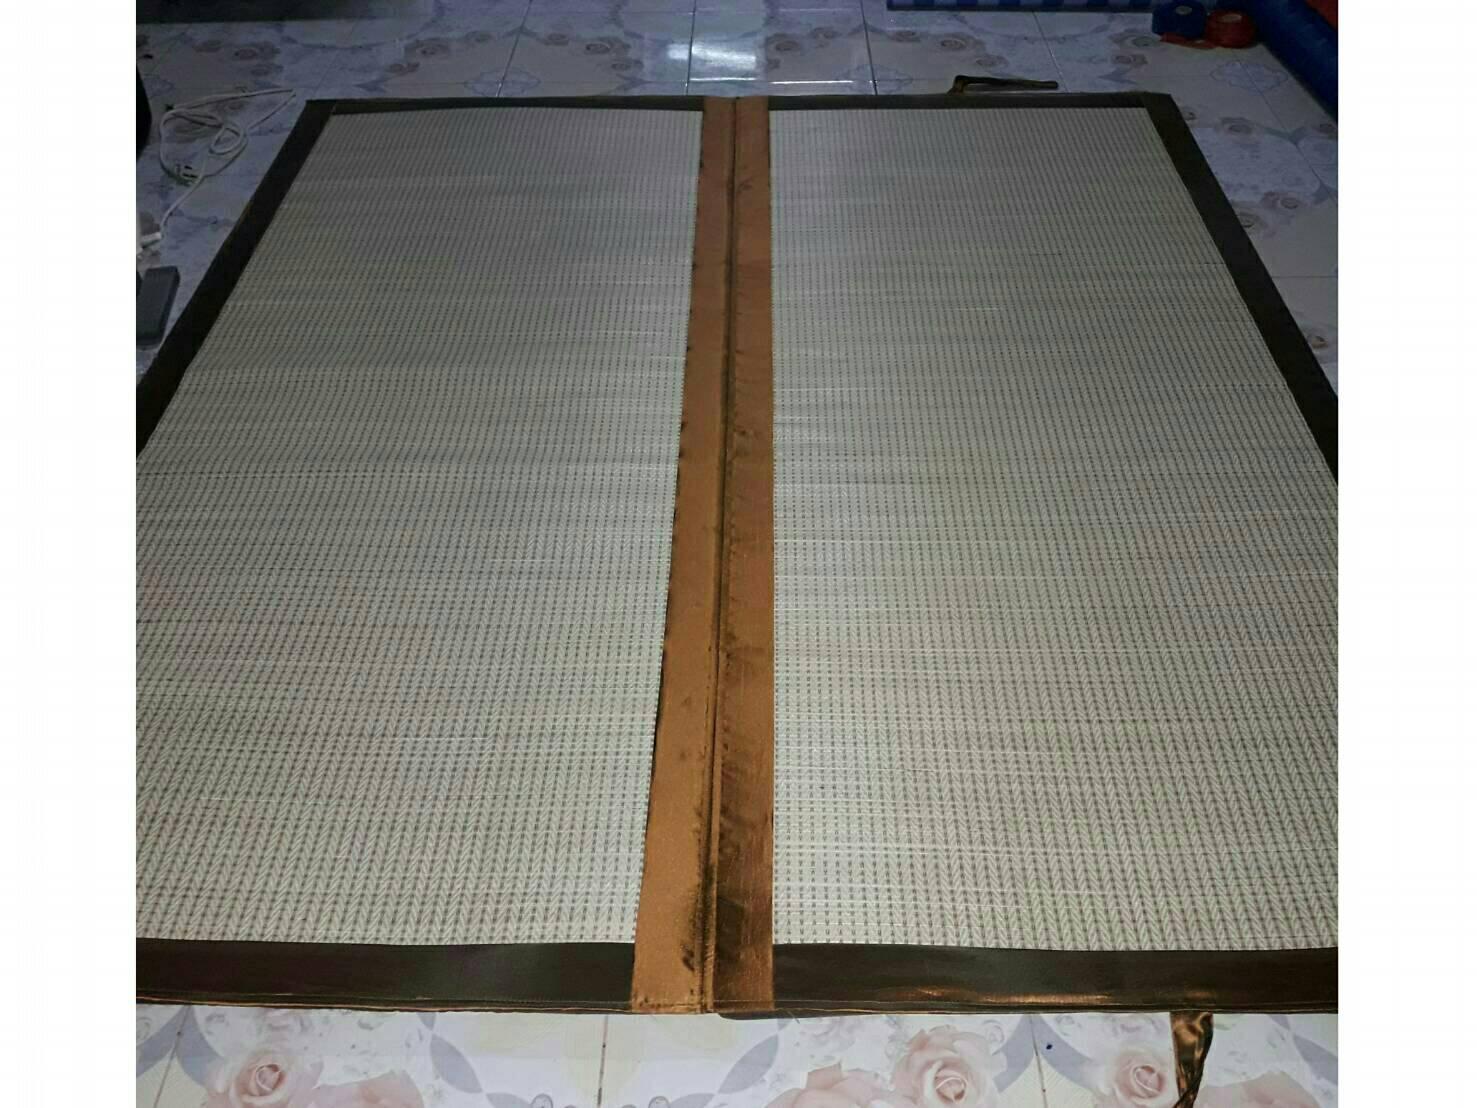 ที่นอนกกทอเครื่อง บุฟองน้ำ 1 นิ้ว ลายญี่ปุ่น ขอบผ้าไหมเหลืองทอง ขนาด 180cm.x200cm. แบบแผ่น (พับ)